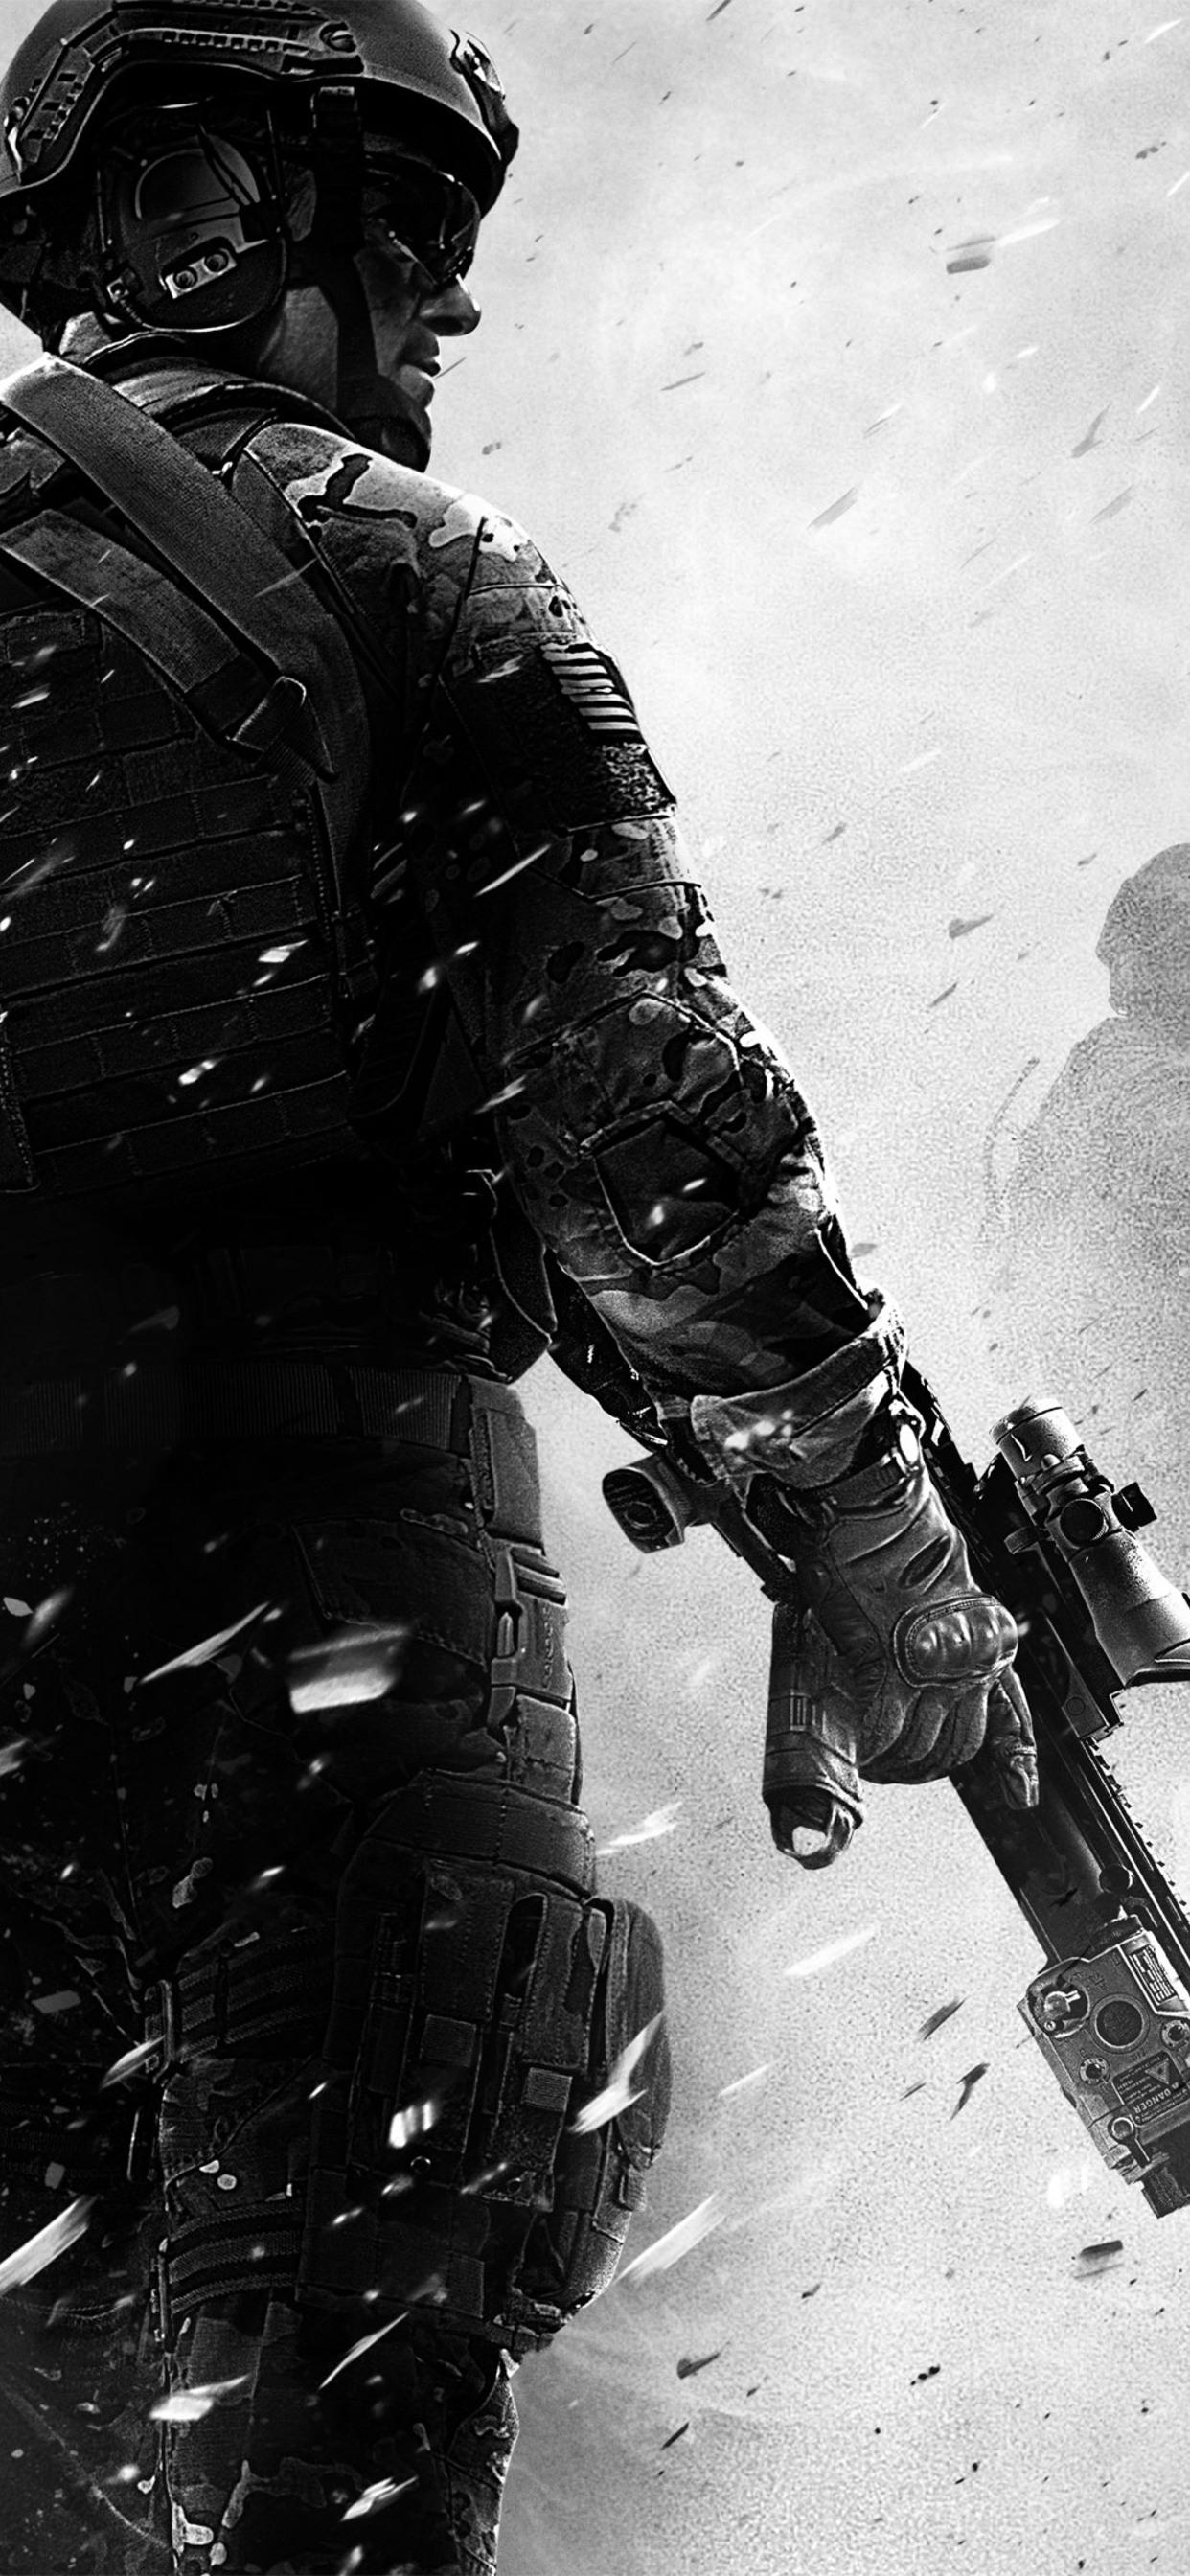 1242x2688 Call Of Duty Modern Warfare 3 4k Iphone Xs Max Hd